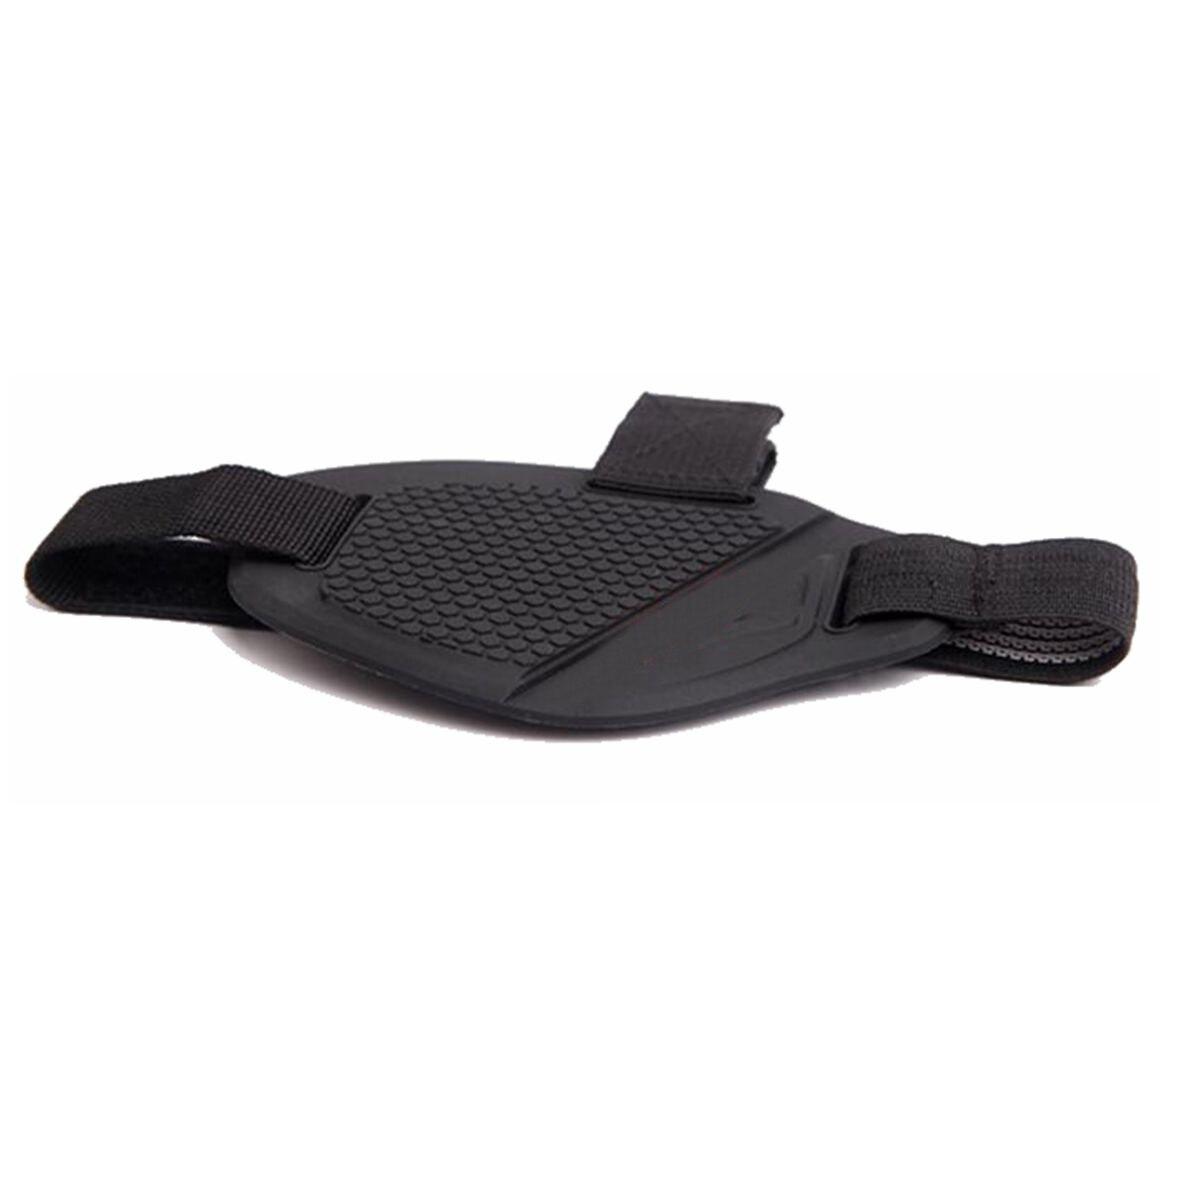 Nowy czarny motocykl dźwignia zmiany biegów skarpety pokrywa Boot buty Protector zmiany biegów osłona ochronna Motocross Shift Pad